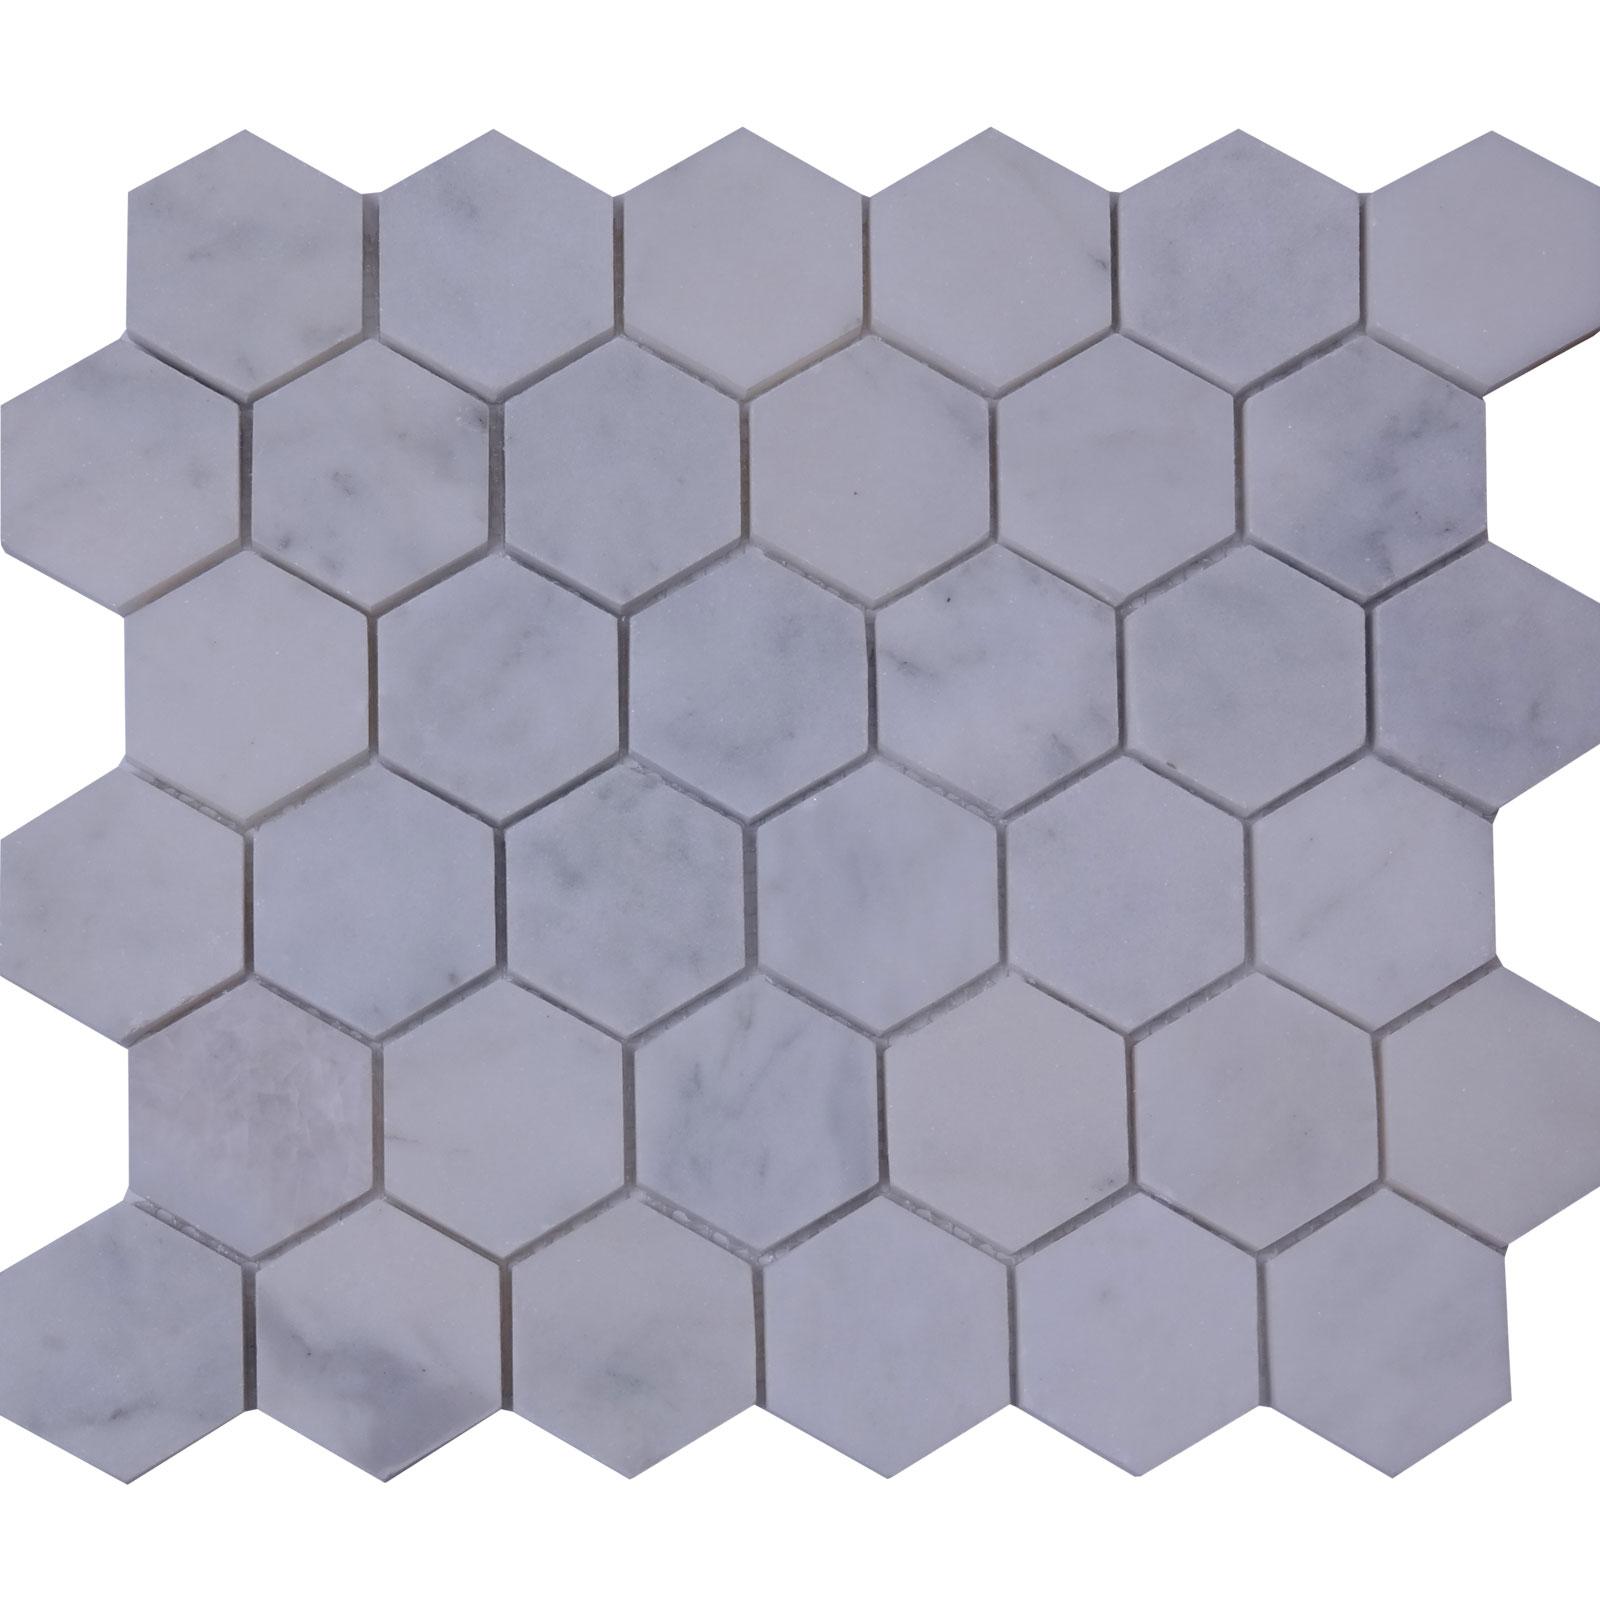 Hexagon Mosaic Carrara Tile